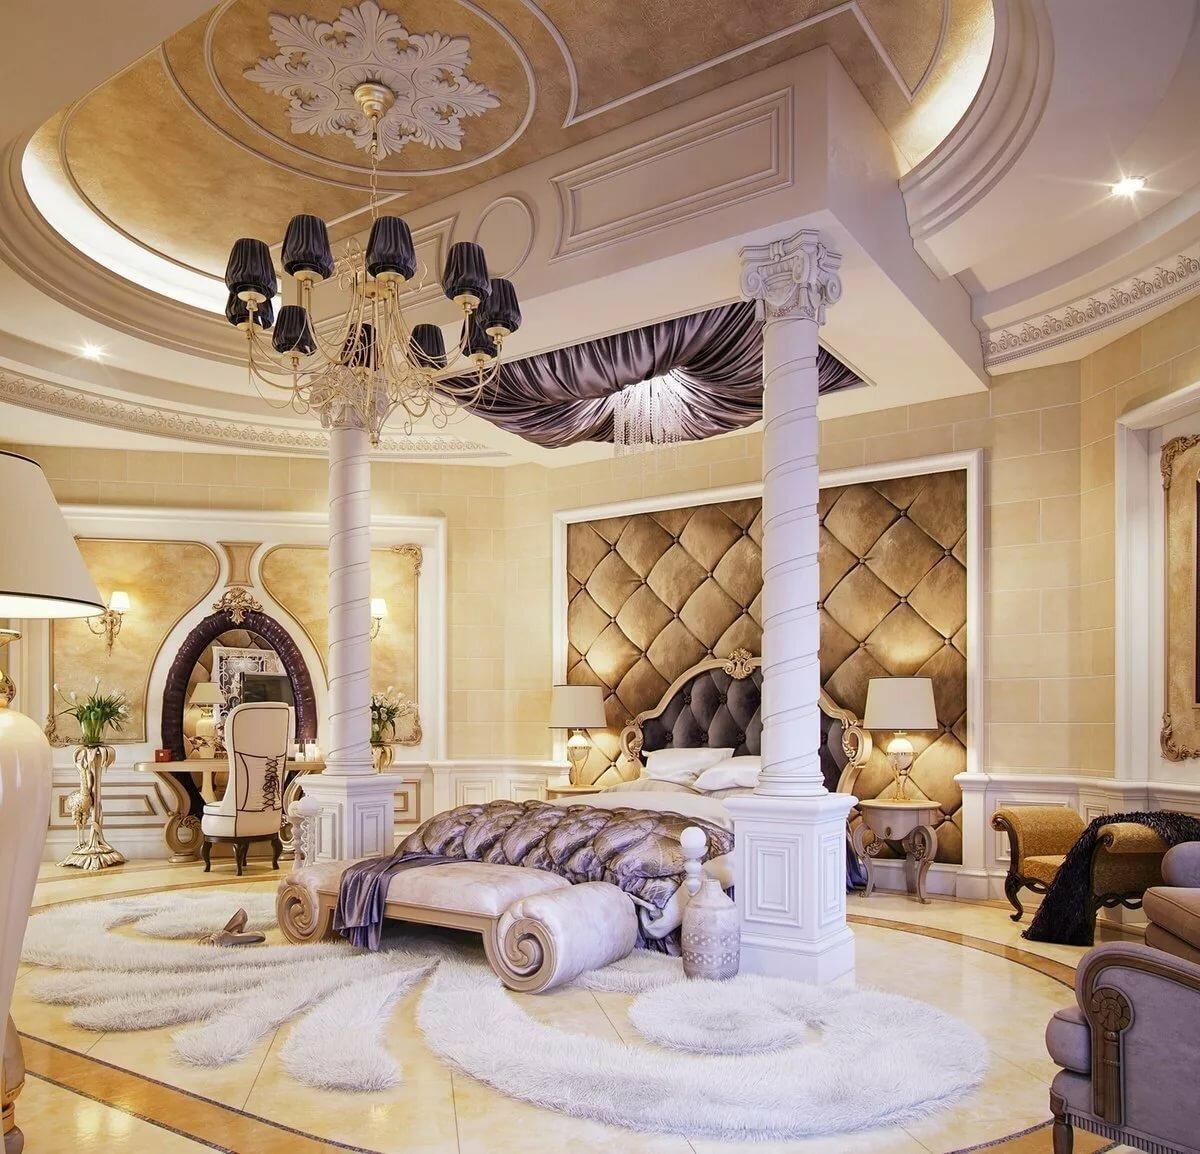 мишулина дизайн дома люкс фото удивительная